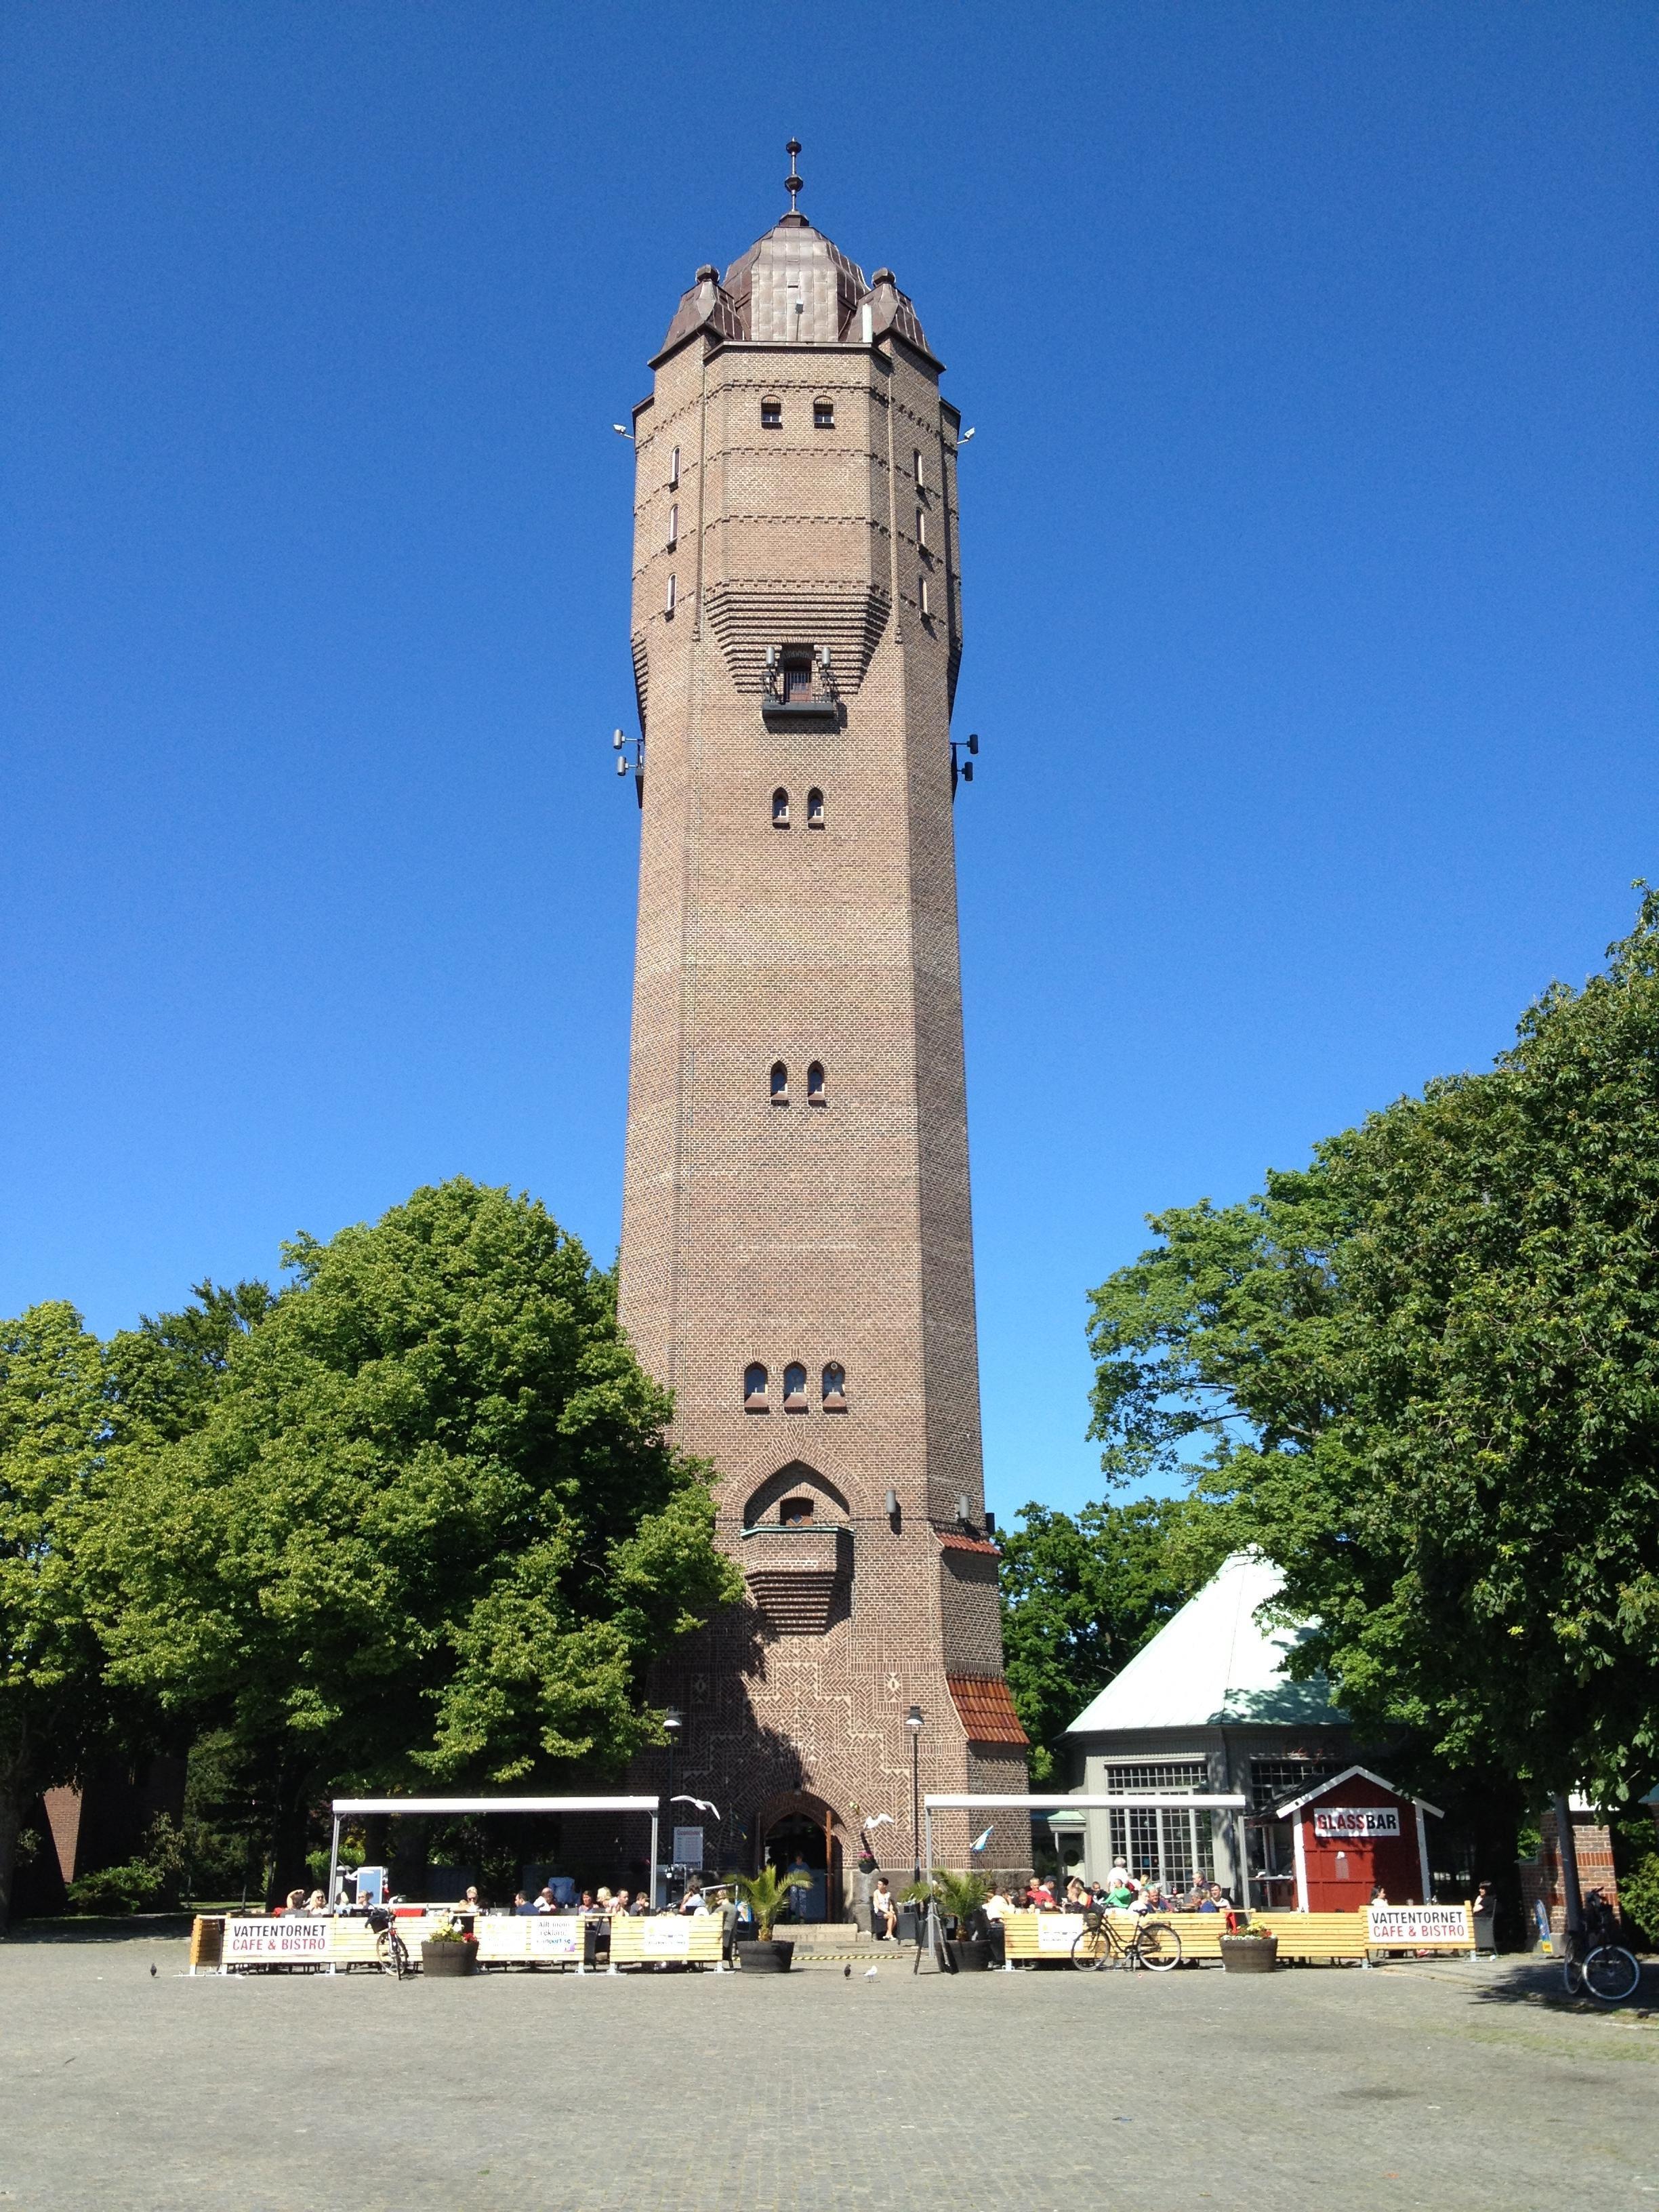 Sandra Jeppsson, Café Vattentornet är beläget vid foten av Vattentornet i centrala Trelleborg